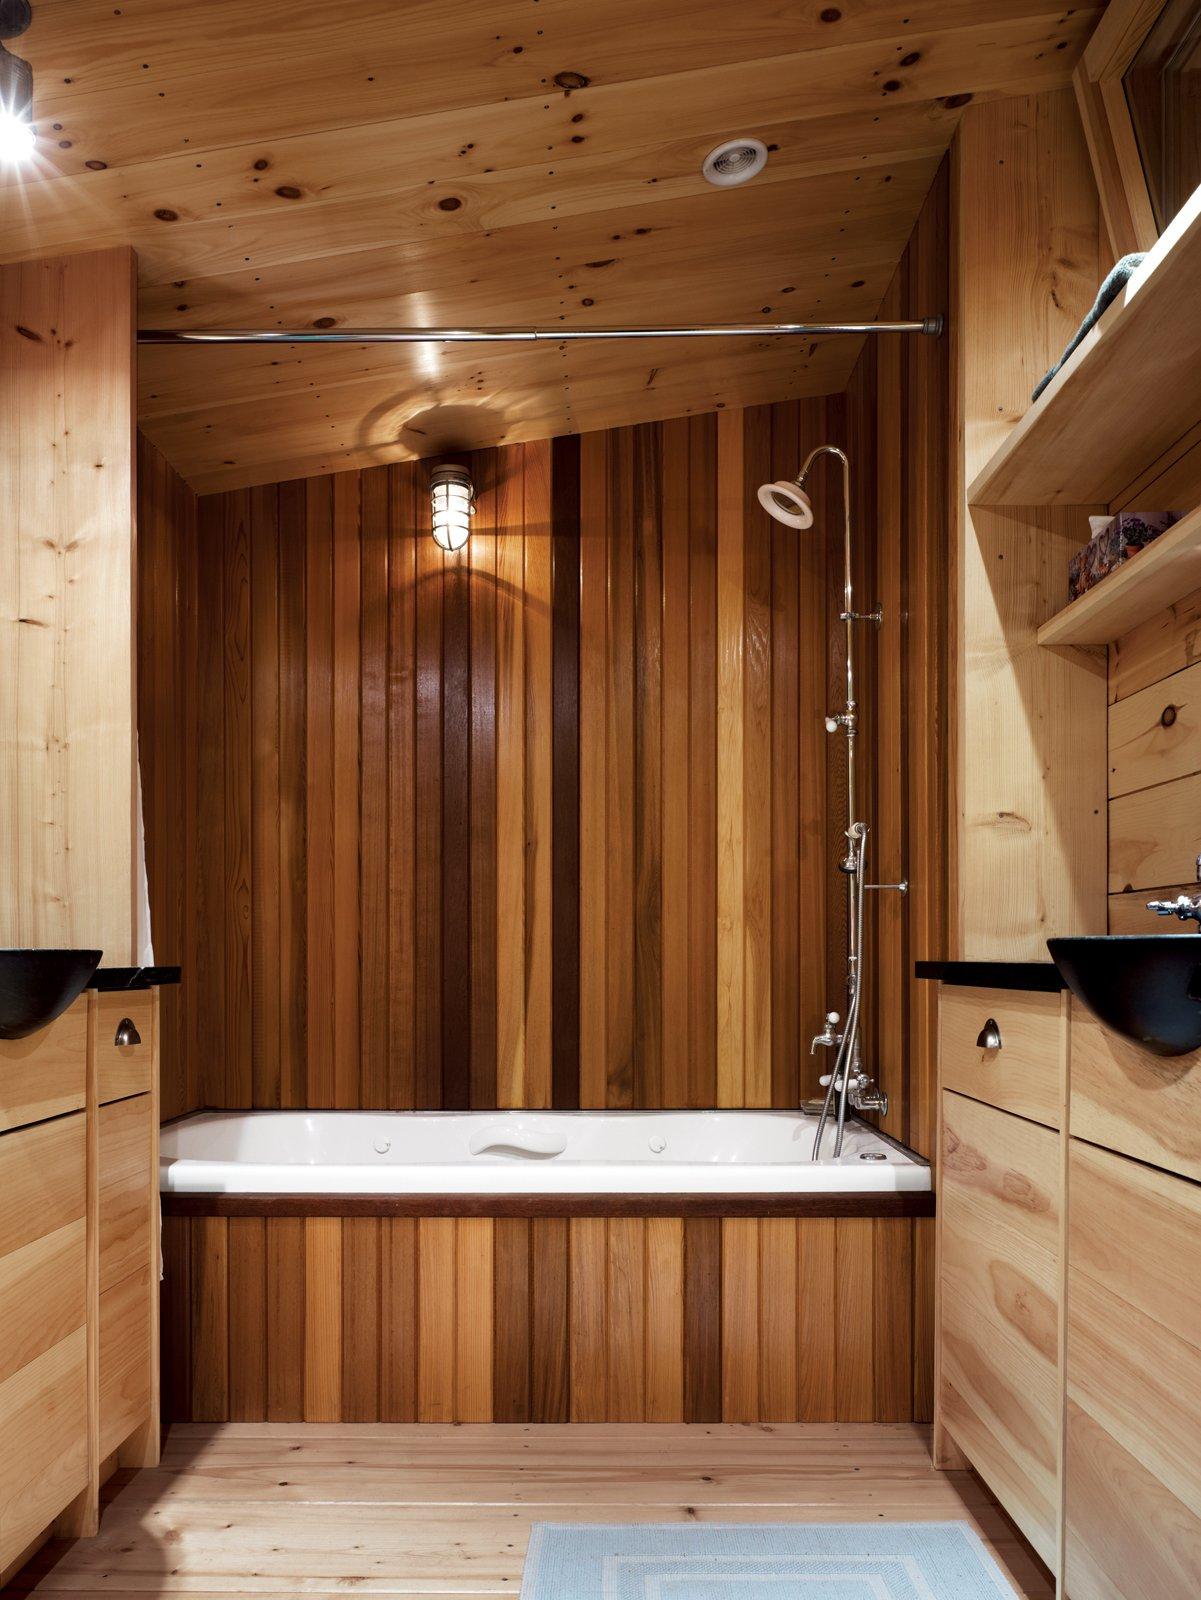 #bath #spa #bath&spa #modern #interior #interiordesign #bathroom #shower #bath #woodpanels #masterbath #twinsinks #maine #penobscotbay #storage   Photo by Raimund Koch  Photo 9 of 22 in Bath & Spa Intrigue from Bath